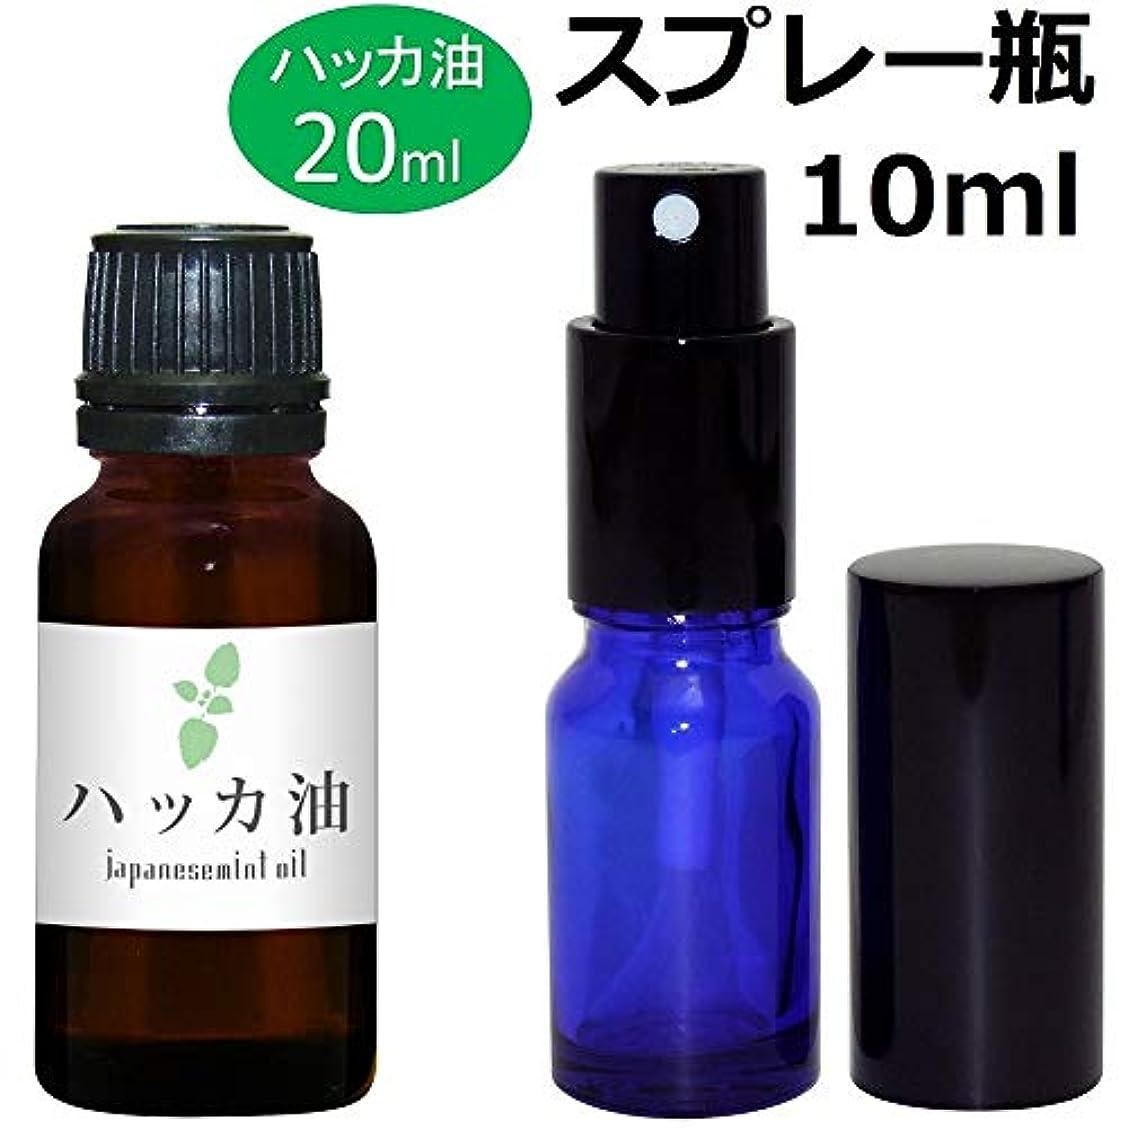 訪問厚さクリープガレージ?ゼロ ハッカ油 20ml(GZAK12)+ガラス瓶 スプレーボトル10ml/和種薄荷/ジャパニーズミント GSE533